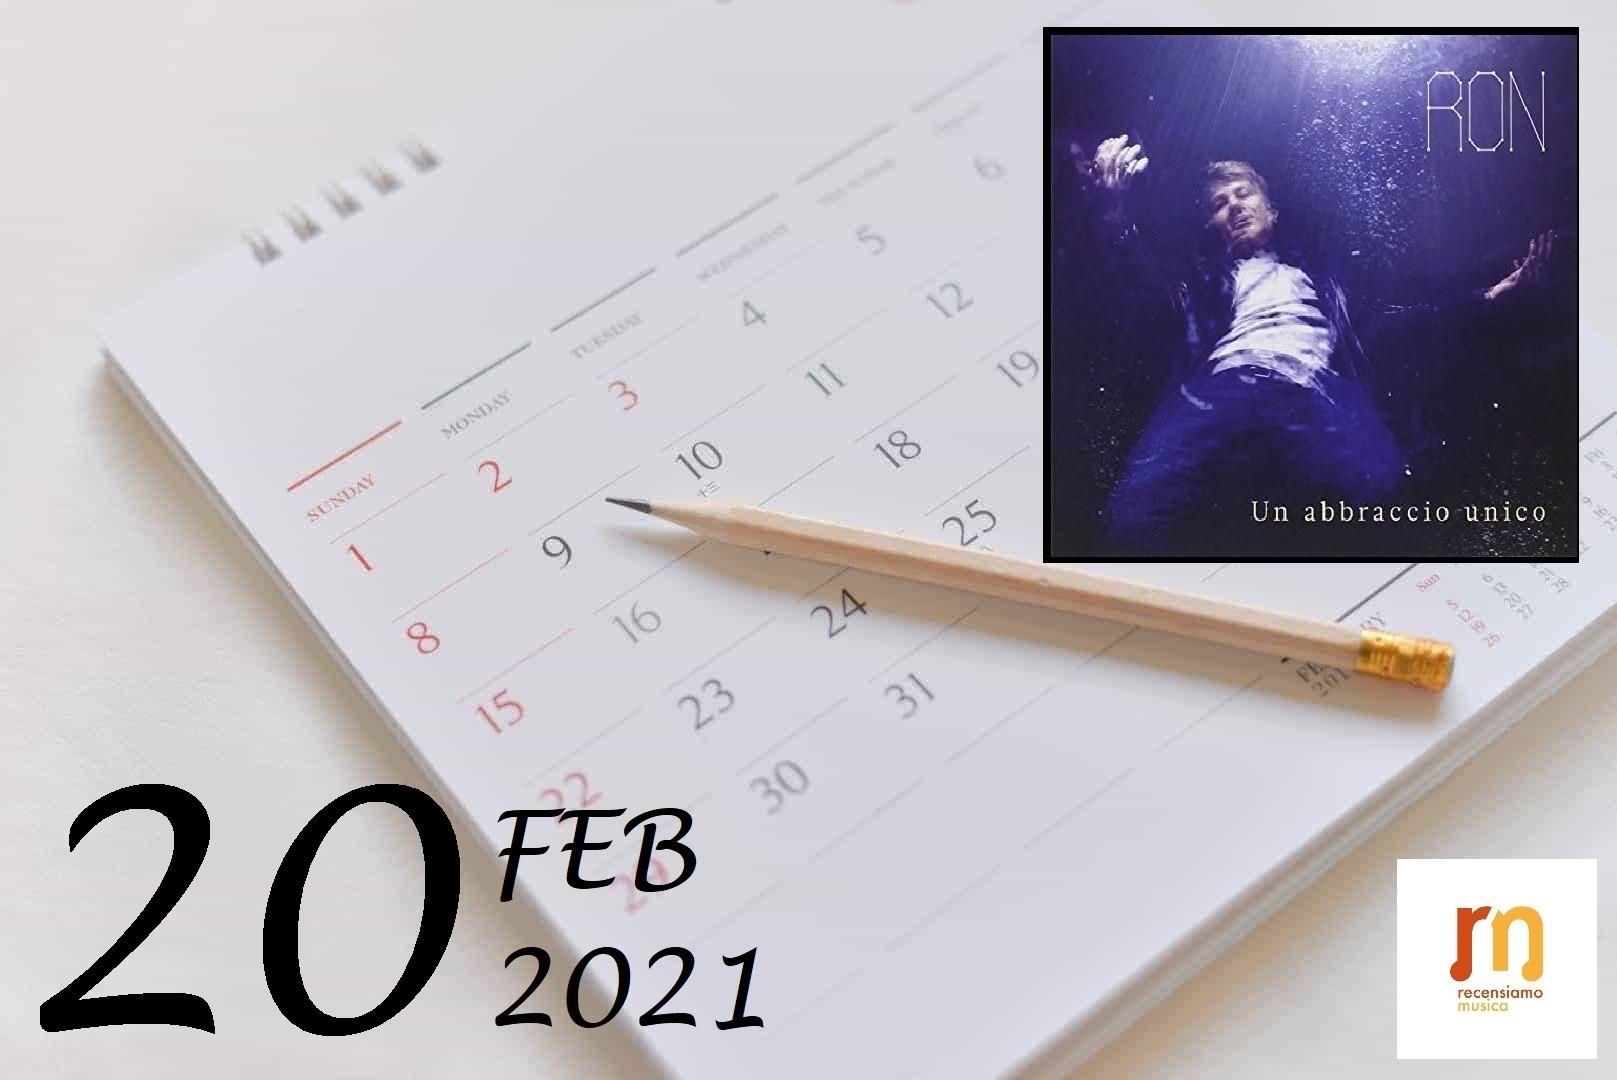 20 febbraio